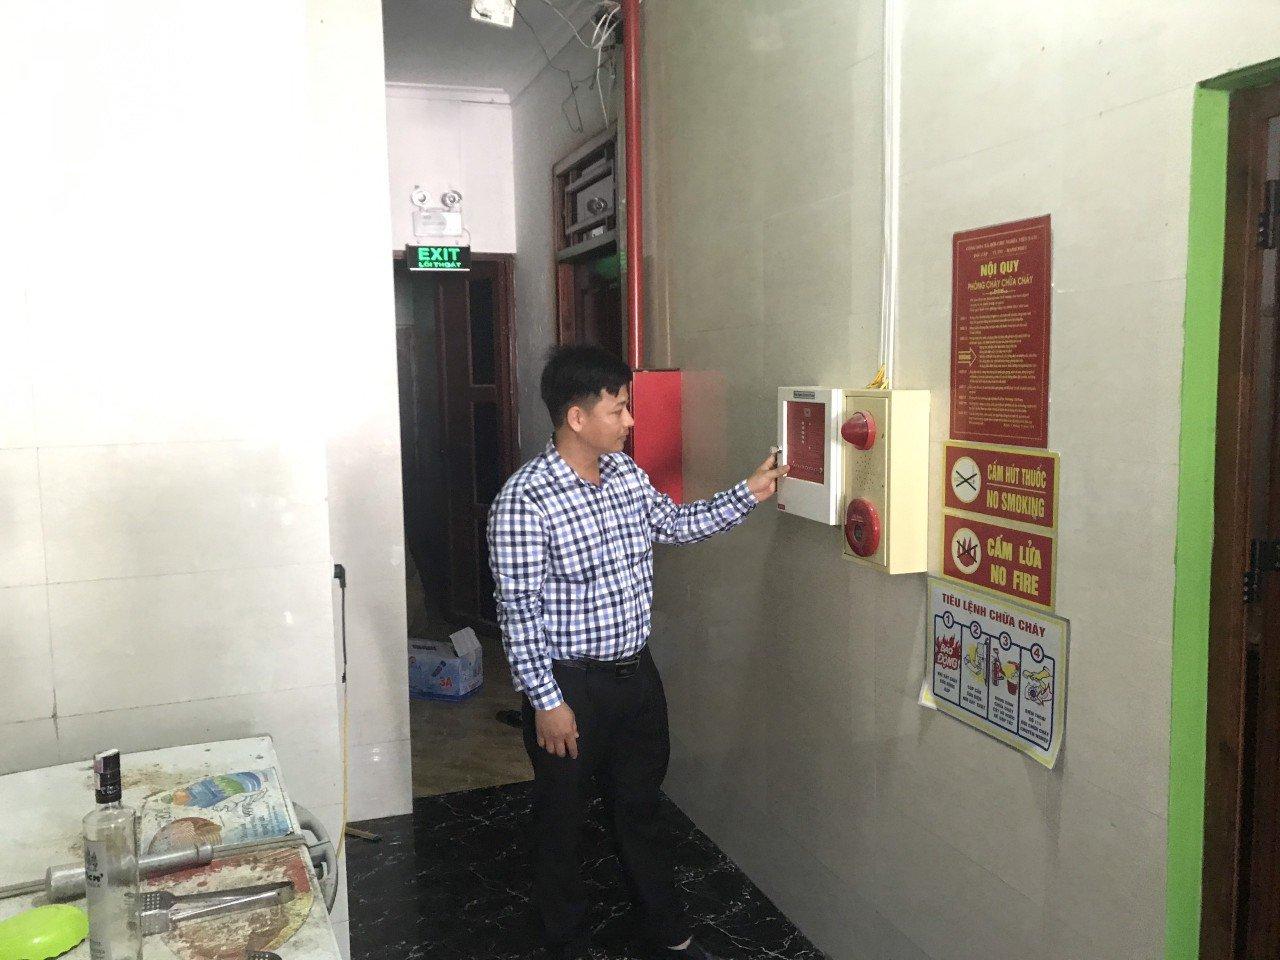 Chiến dịch đưa bình chữa cháy đến từng hộ gia đình thumbnail